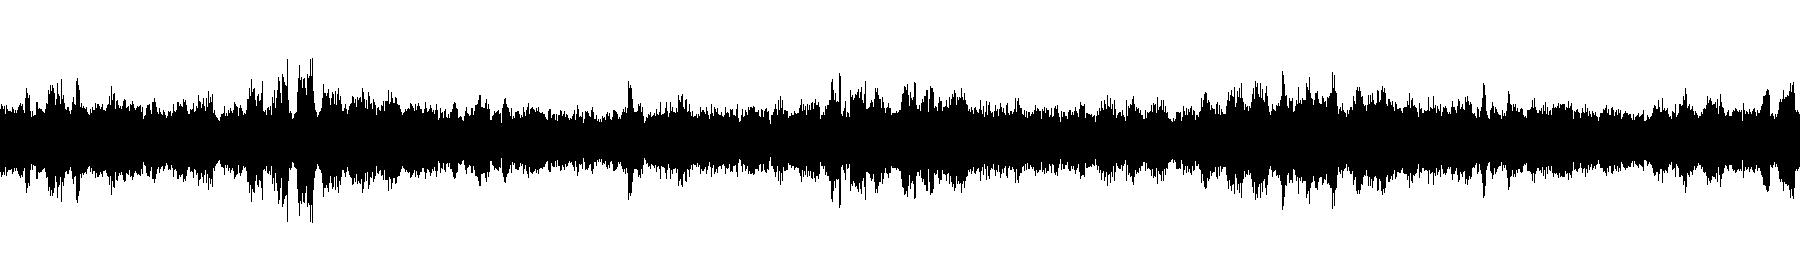 110 f chordtexture sp 01